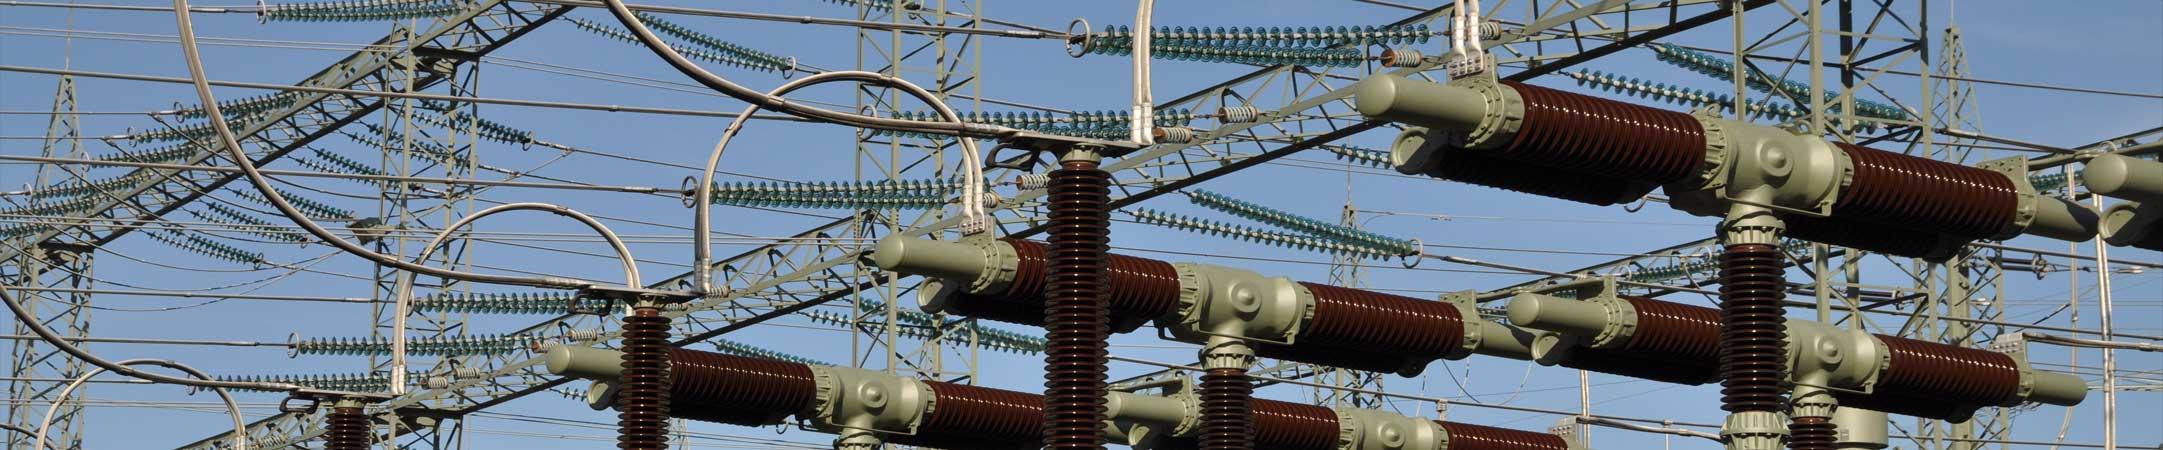 Kraftwerk Stromleitung